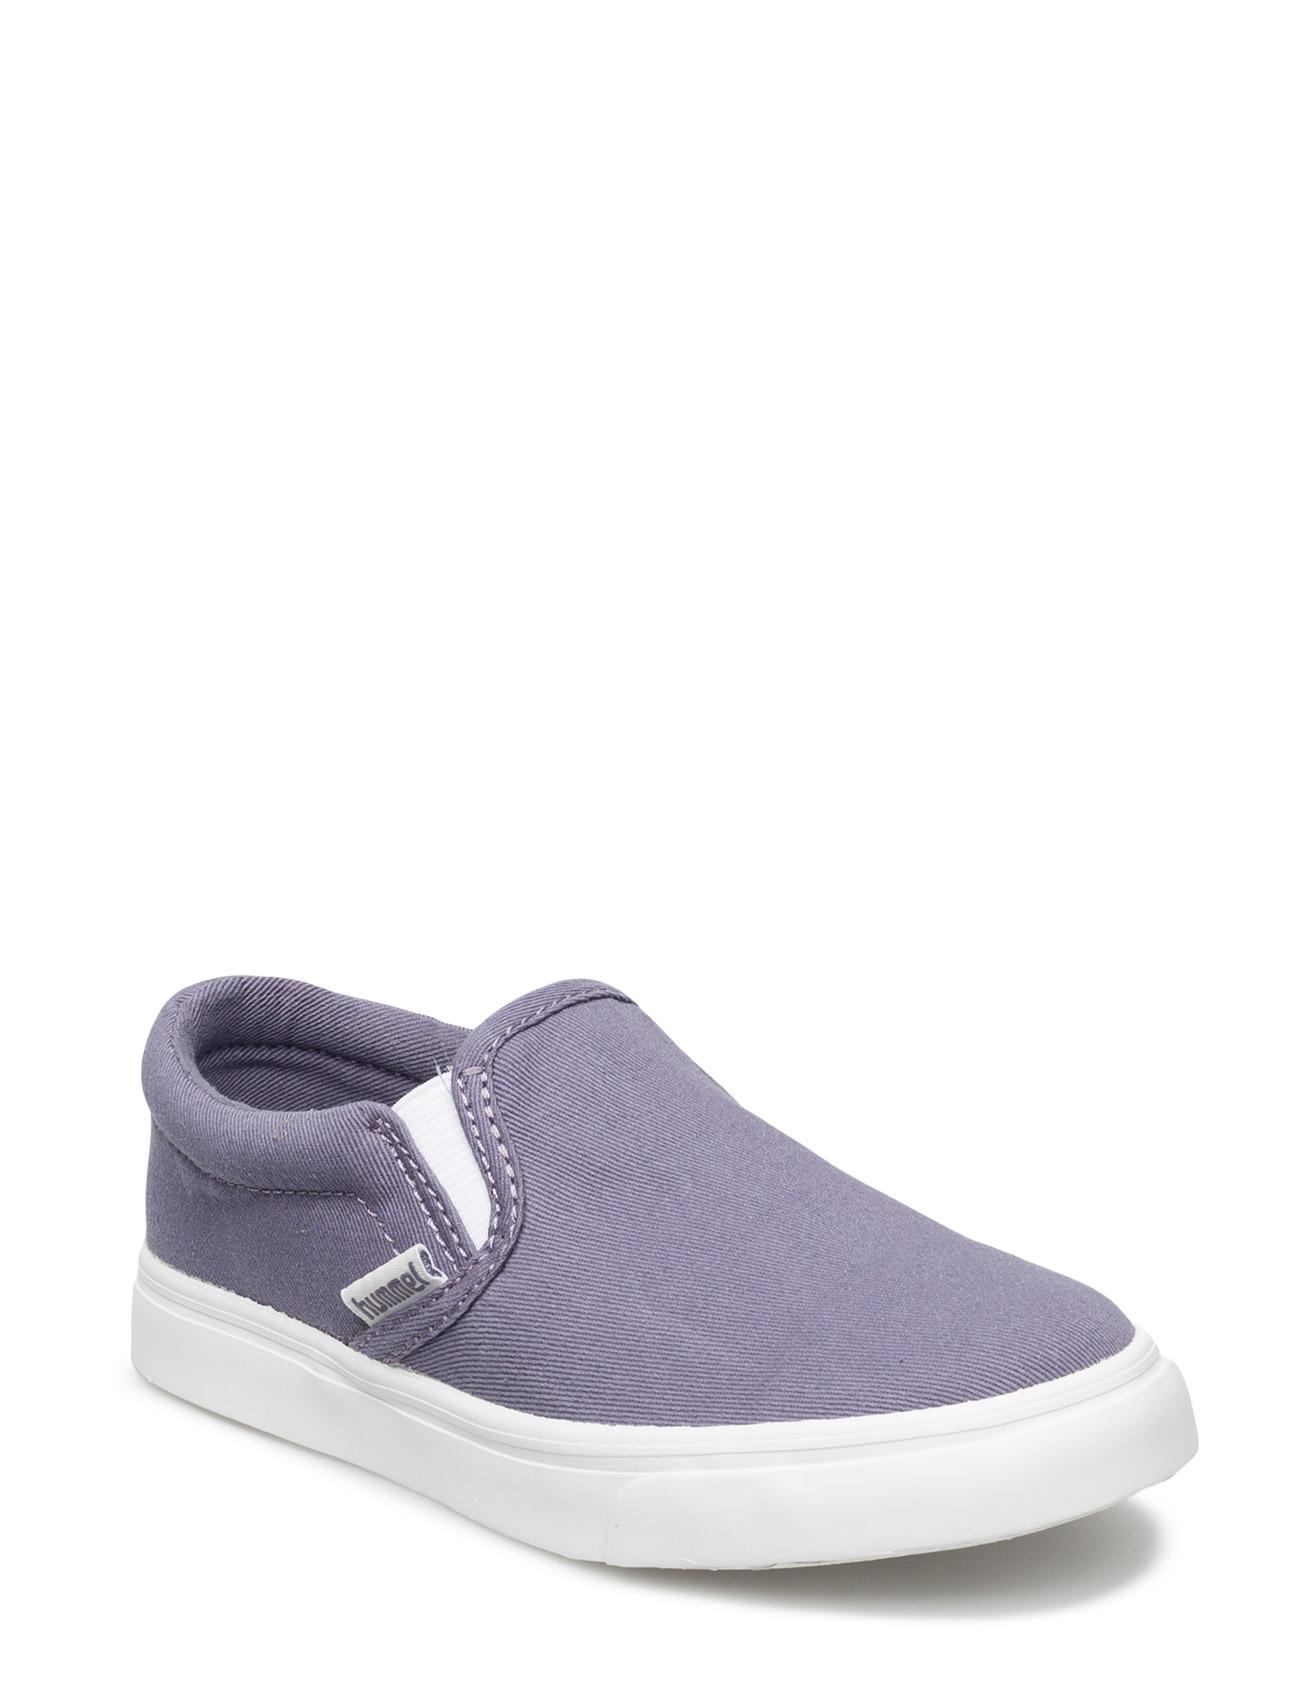 Slip-On Canvas Jr Hummel Sko & Sneakers til Børn i Kadet